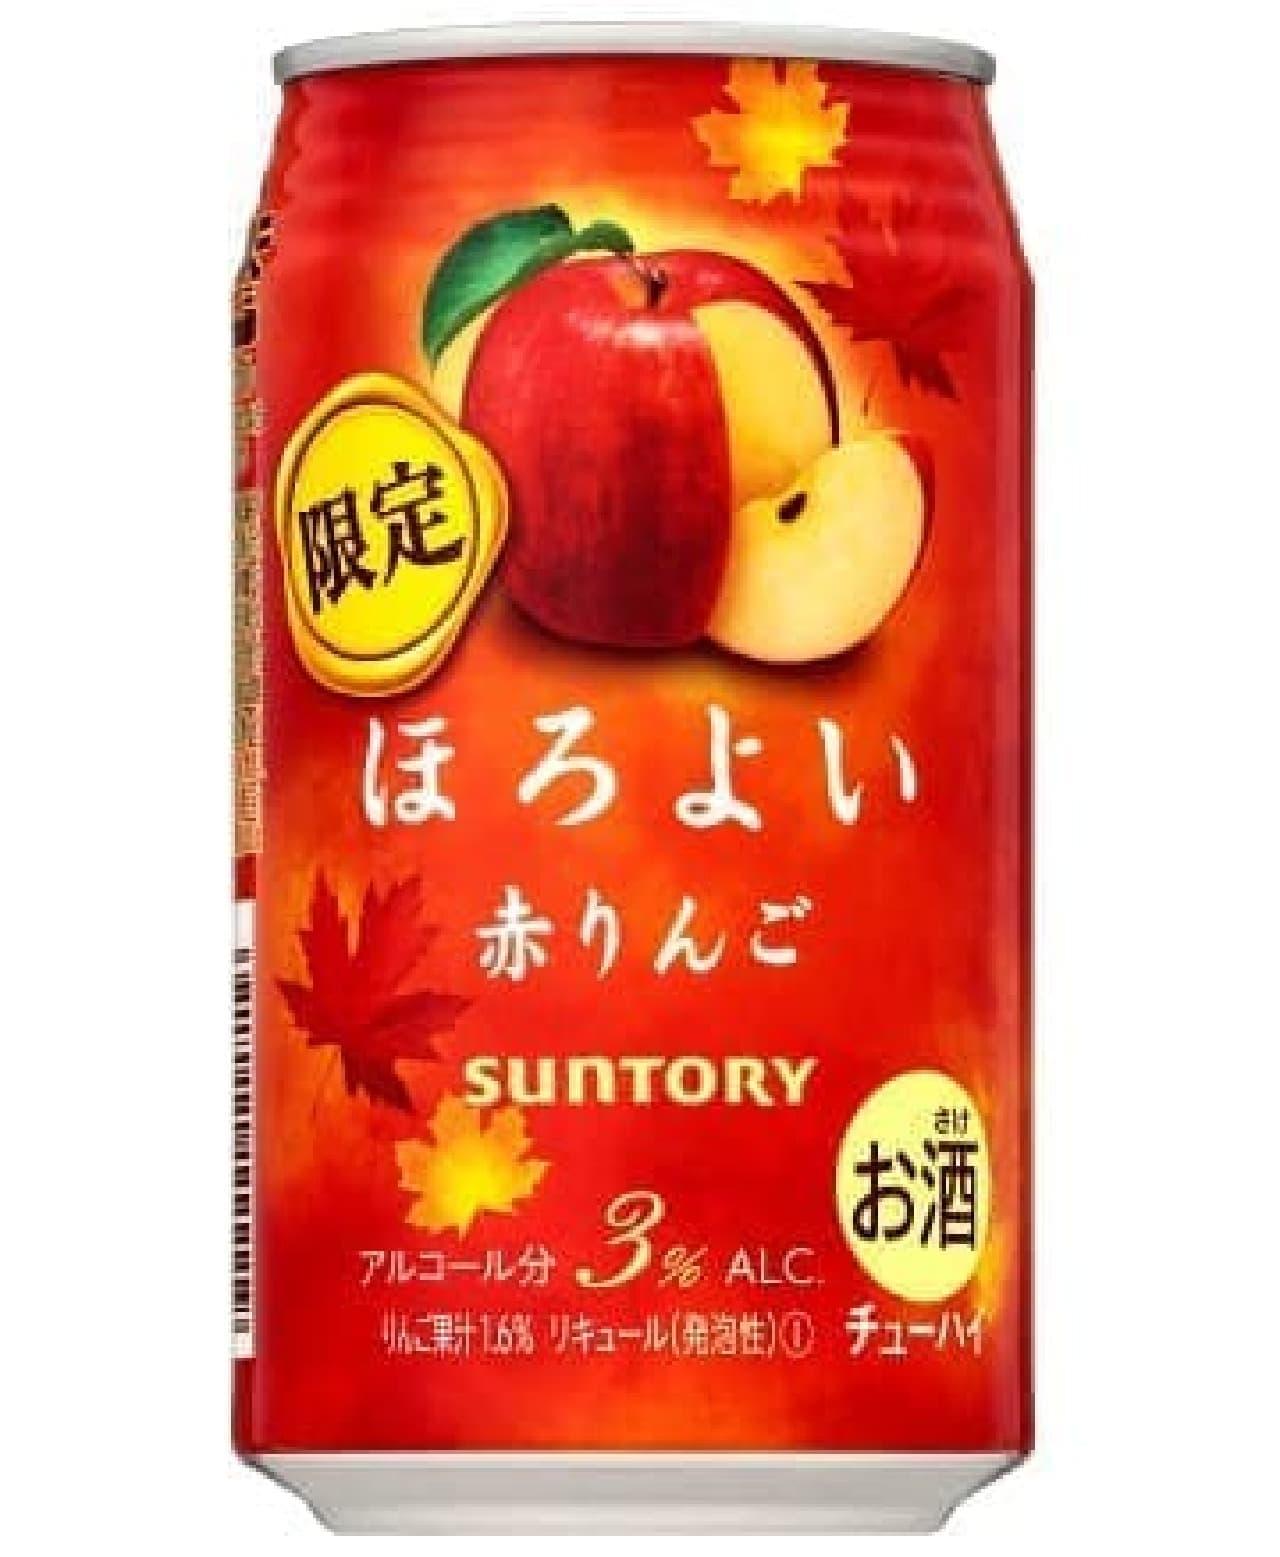 サントリーチューハイ「ほろよい<赤りんご>」